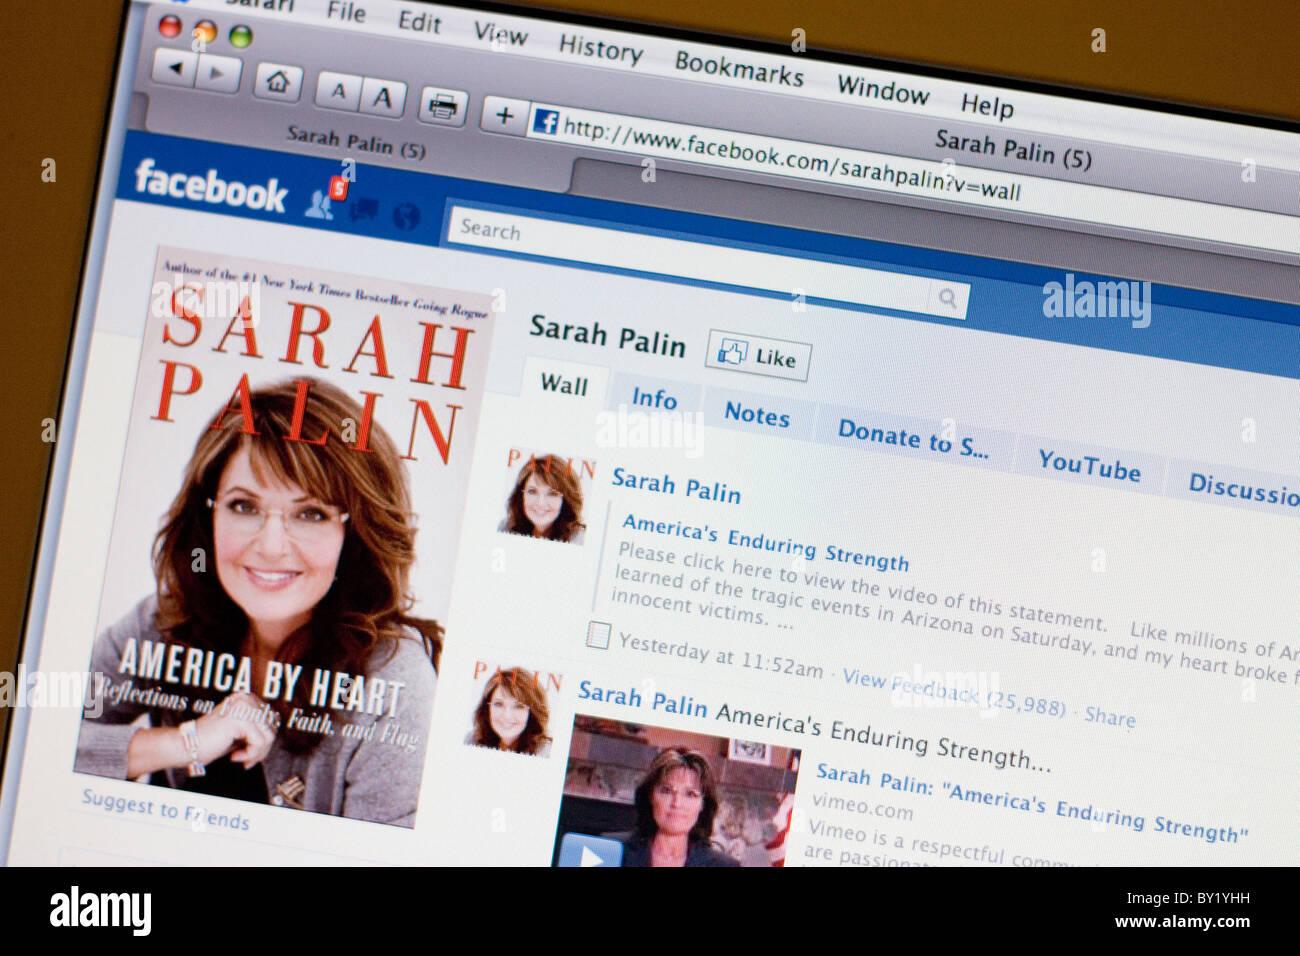 Screenshot of Facebook page - Sarah Palin - Stock Image